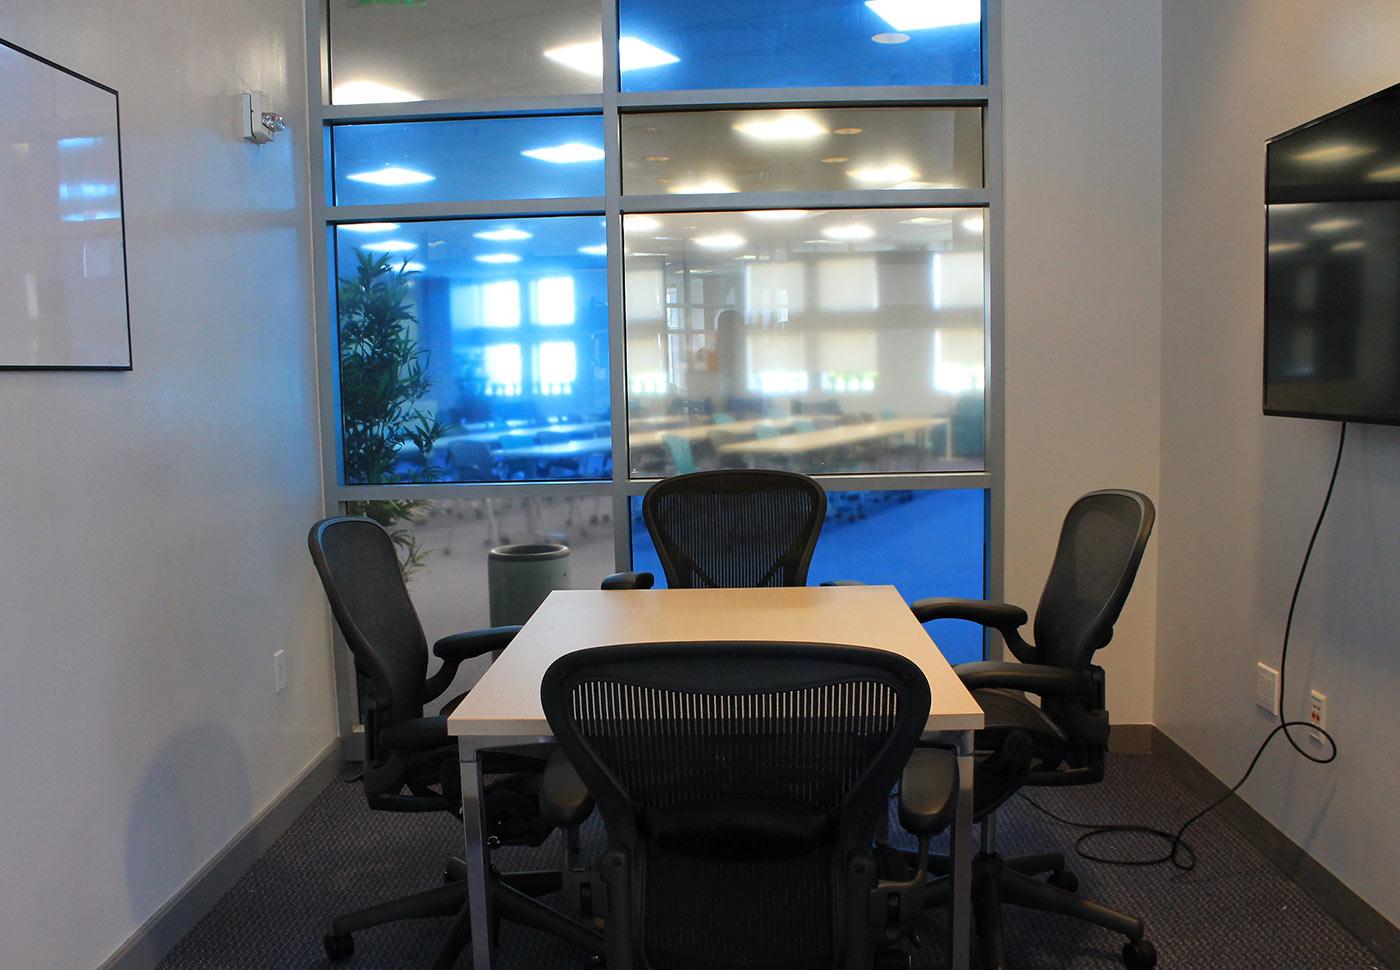 Sala con mesa y cuatro sillas, pizarra y monitor en paredes opuestas.